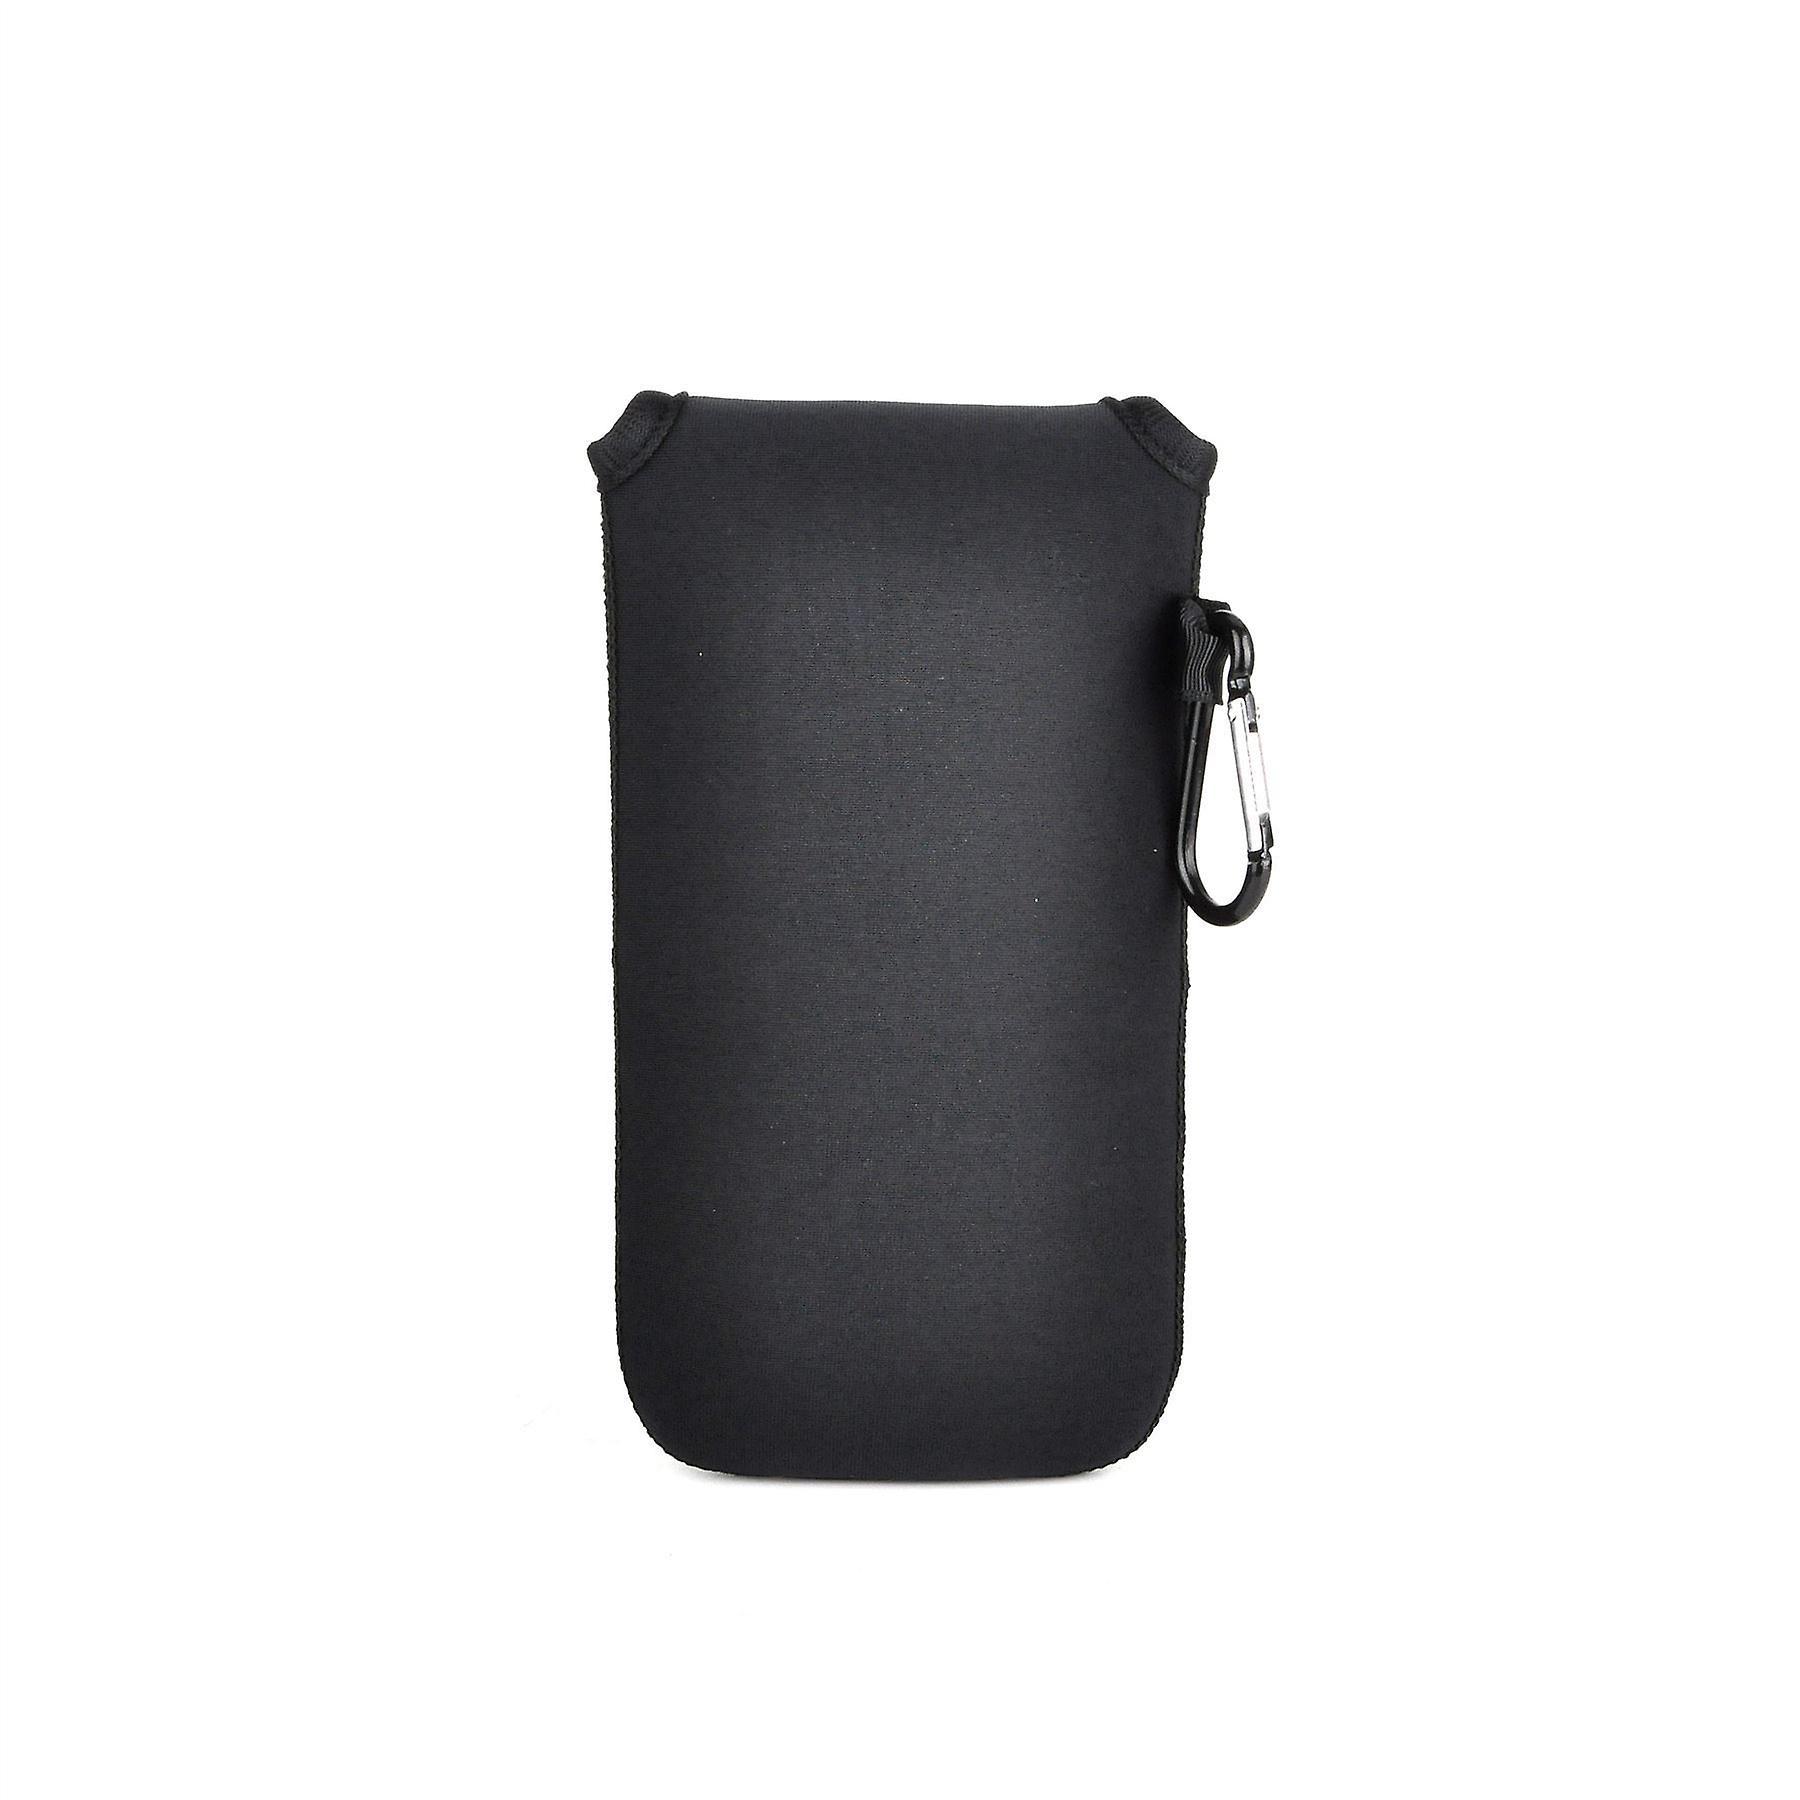 حقيبة تغطية القضية الحقيبة واقية مقاومة لتأثير النيوبرين إينفينتكاسي مع إغلاق Velcro والألمنيوم Carabiner على سوني إريكسون M5-أسود